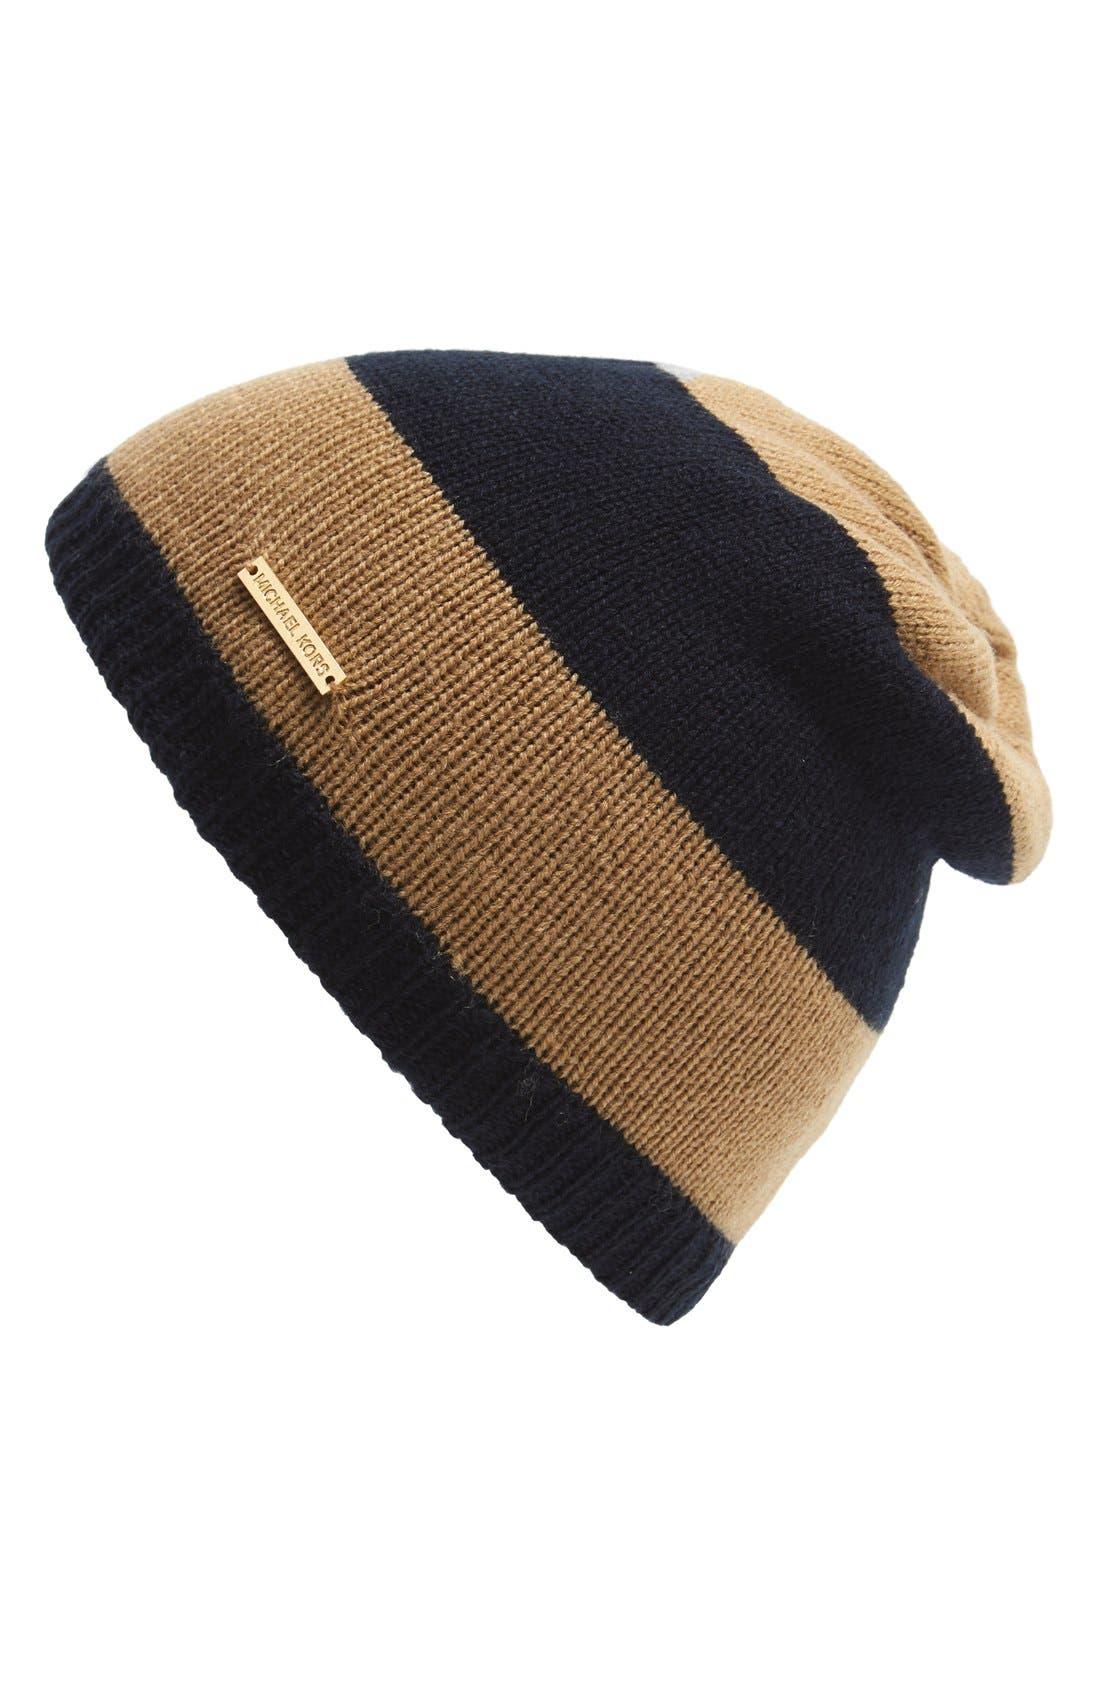 Alternate Image 1 Selected - MICHAEL Michael Kors Reversible Skull Hat